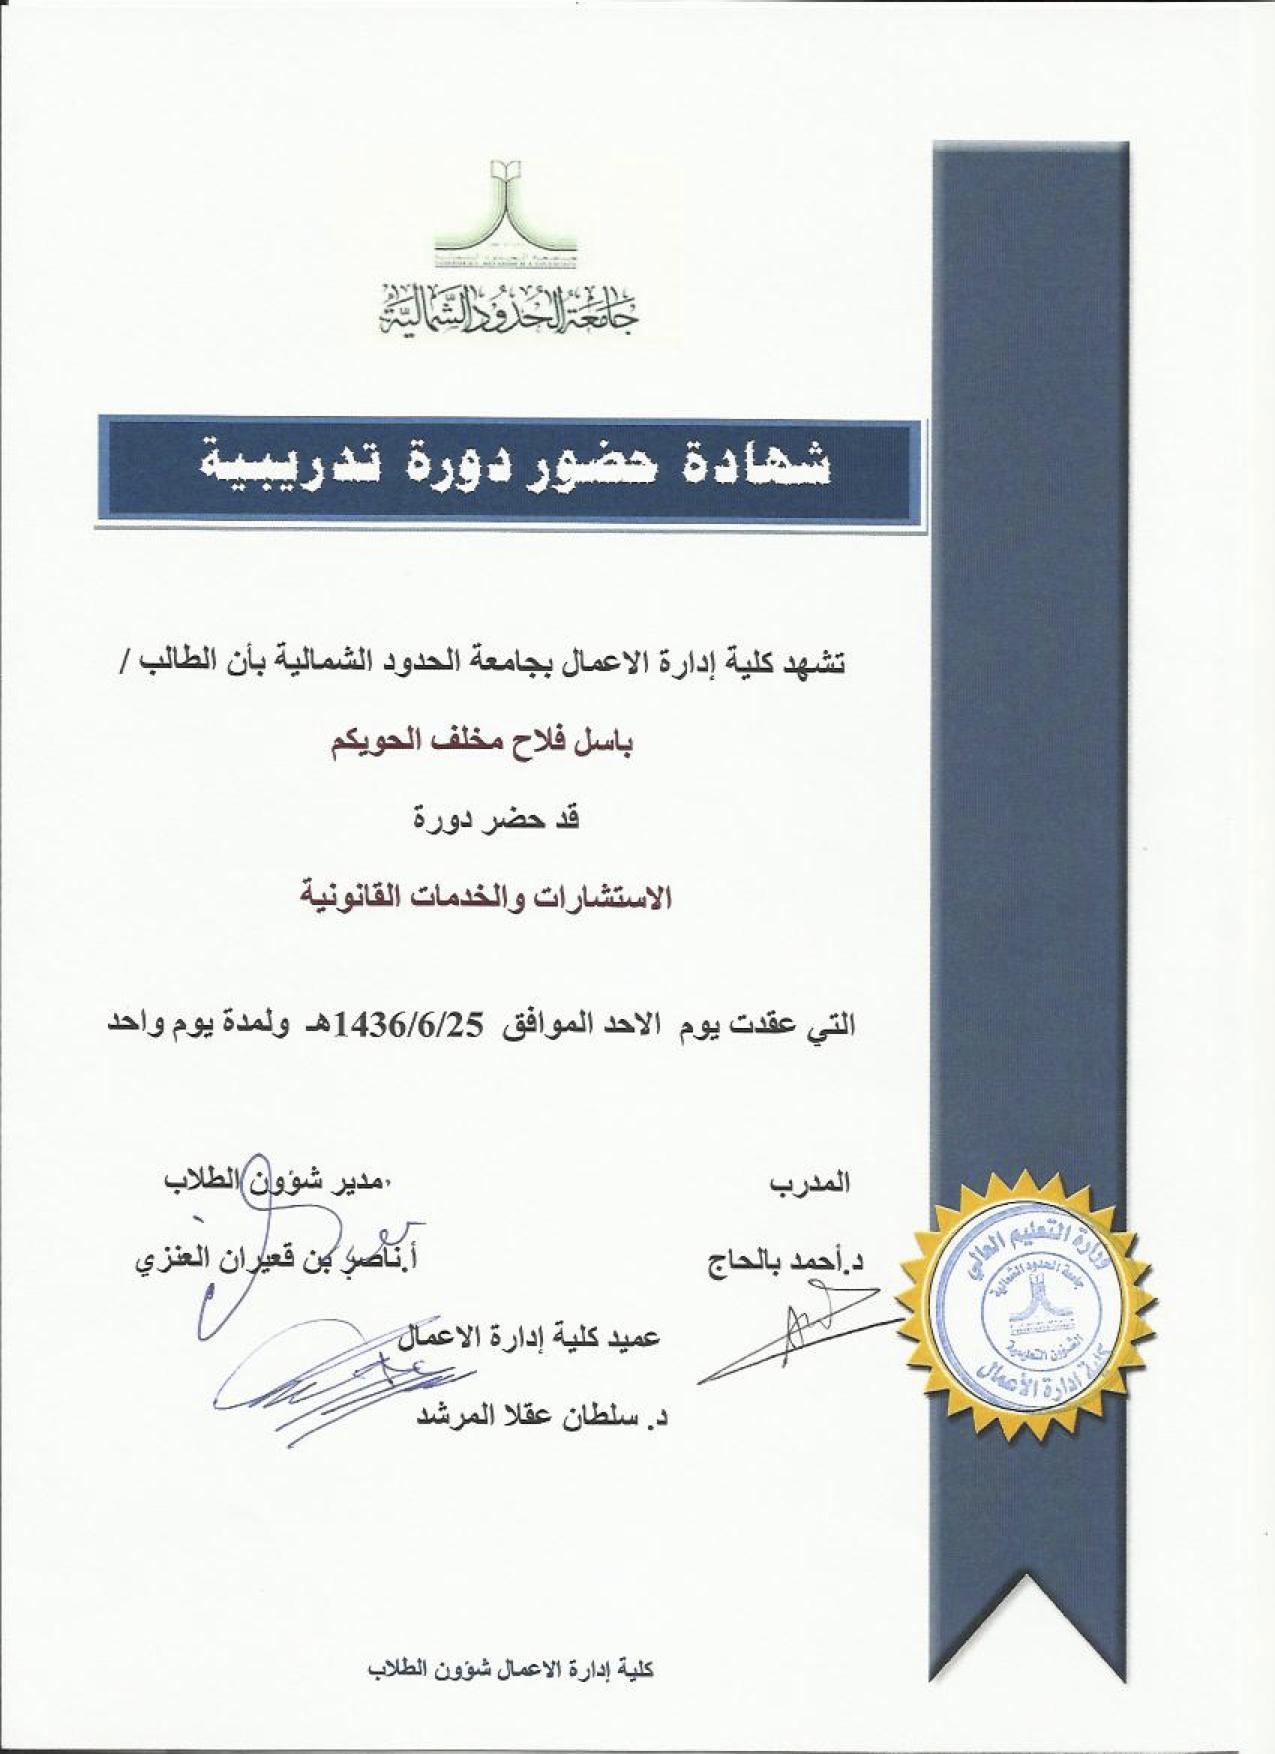 دورة في تقديم الاستشارات والخدمات القانونية